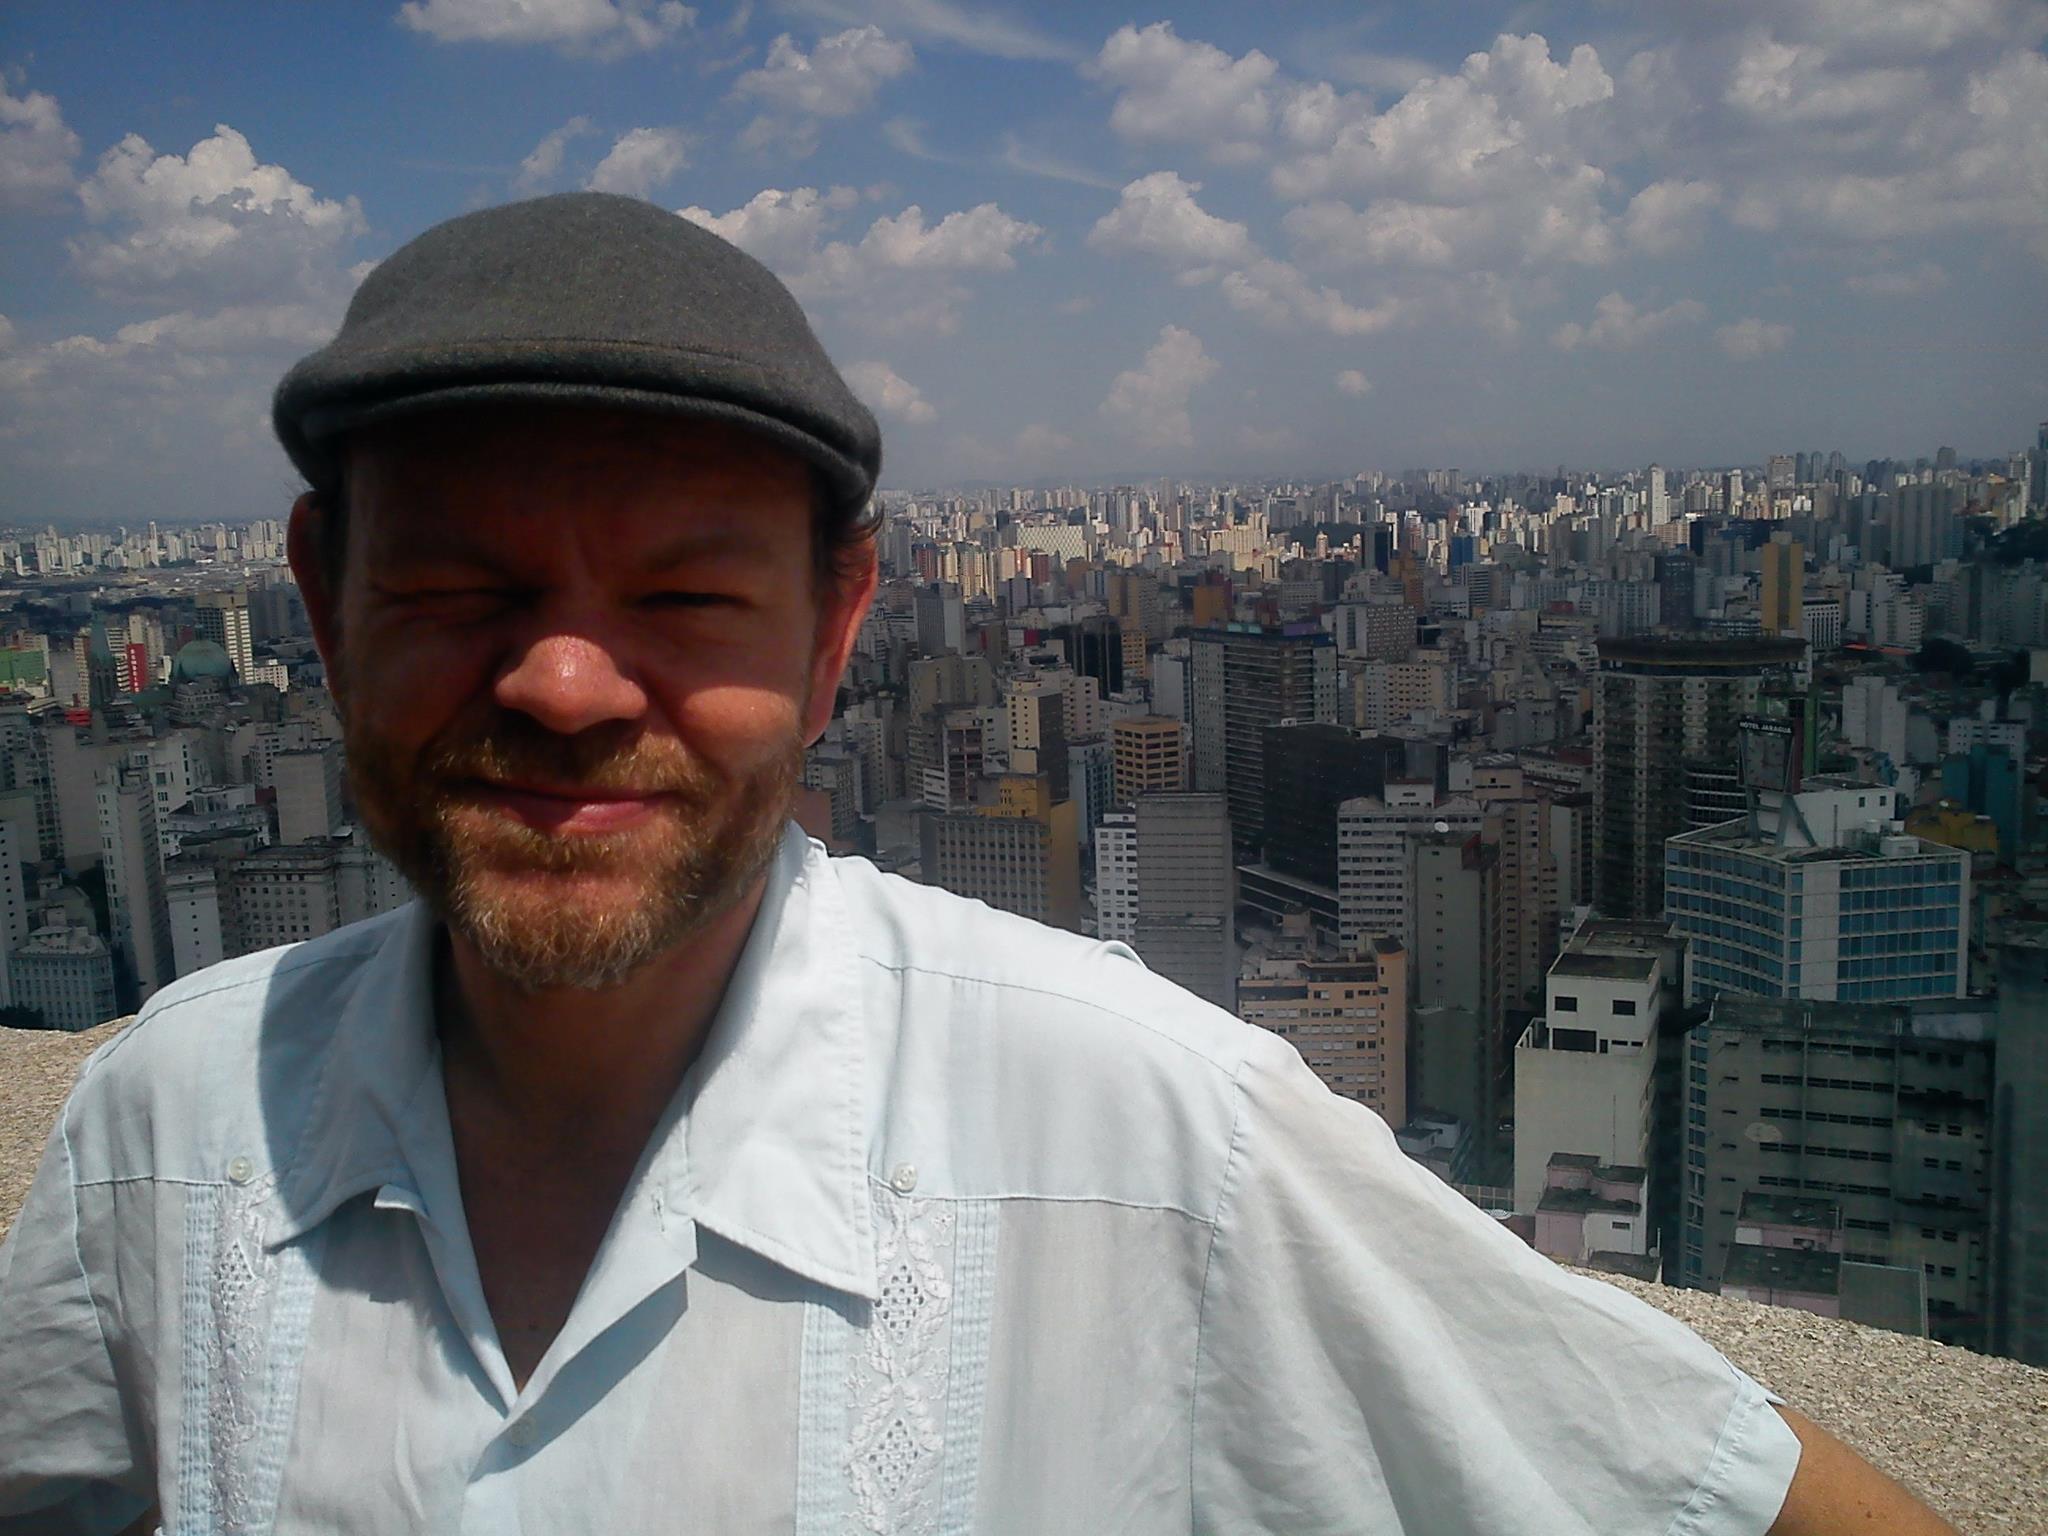 Per Platou, leder av Videokunstarkivet, er kunstner og kurator, og har jobbet med elektroniske media, lydkunst, radio, film og teater. Han har kuratert en rekke utstillinger, visninger og prosjekter i Norge og internasjonalt.